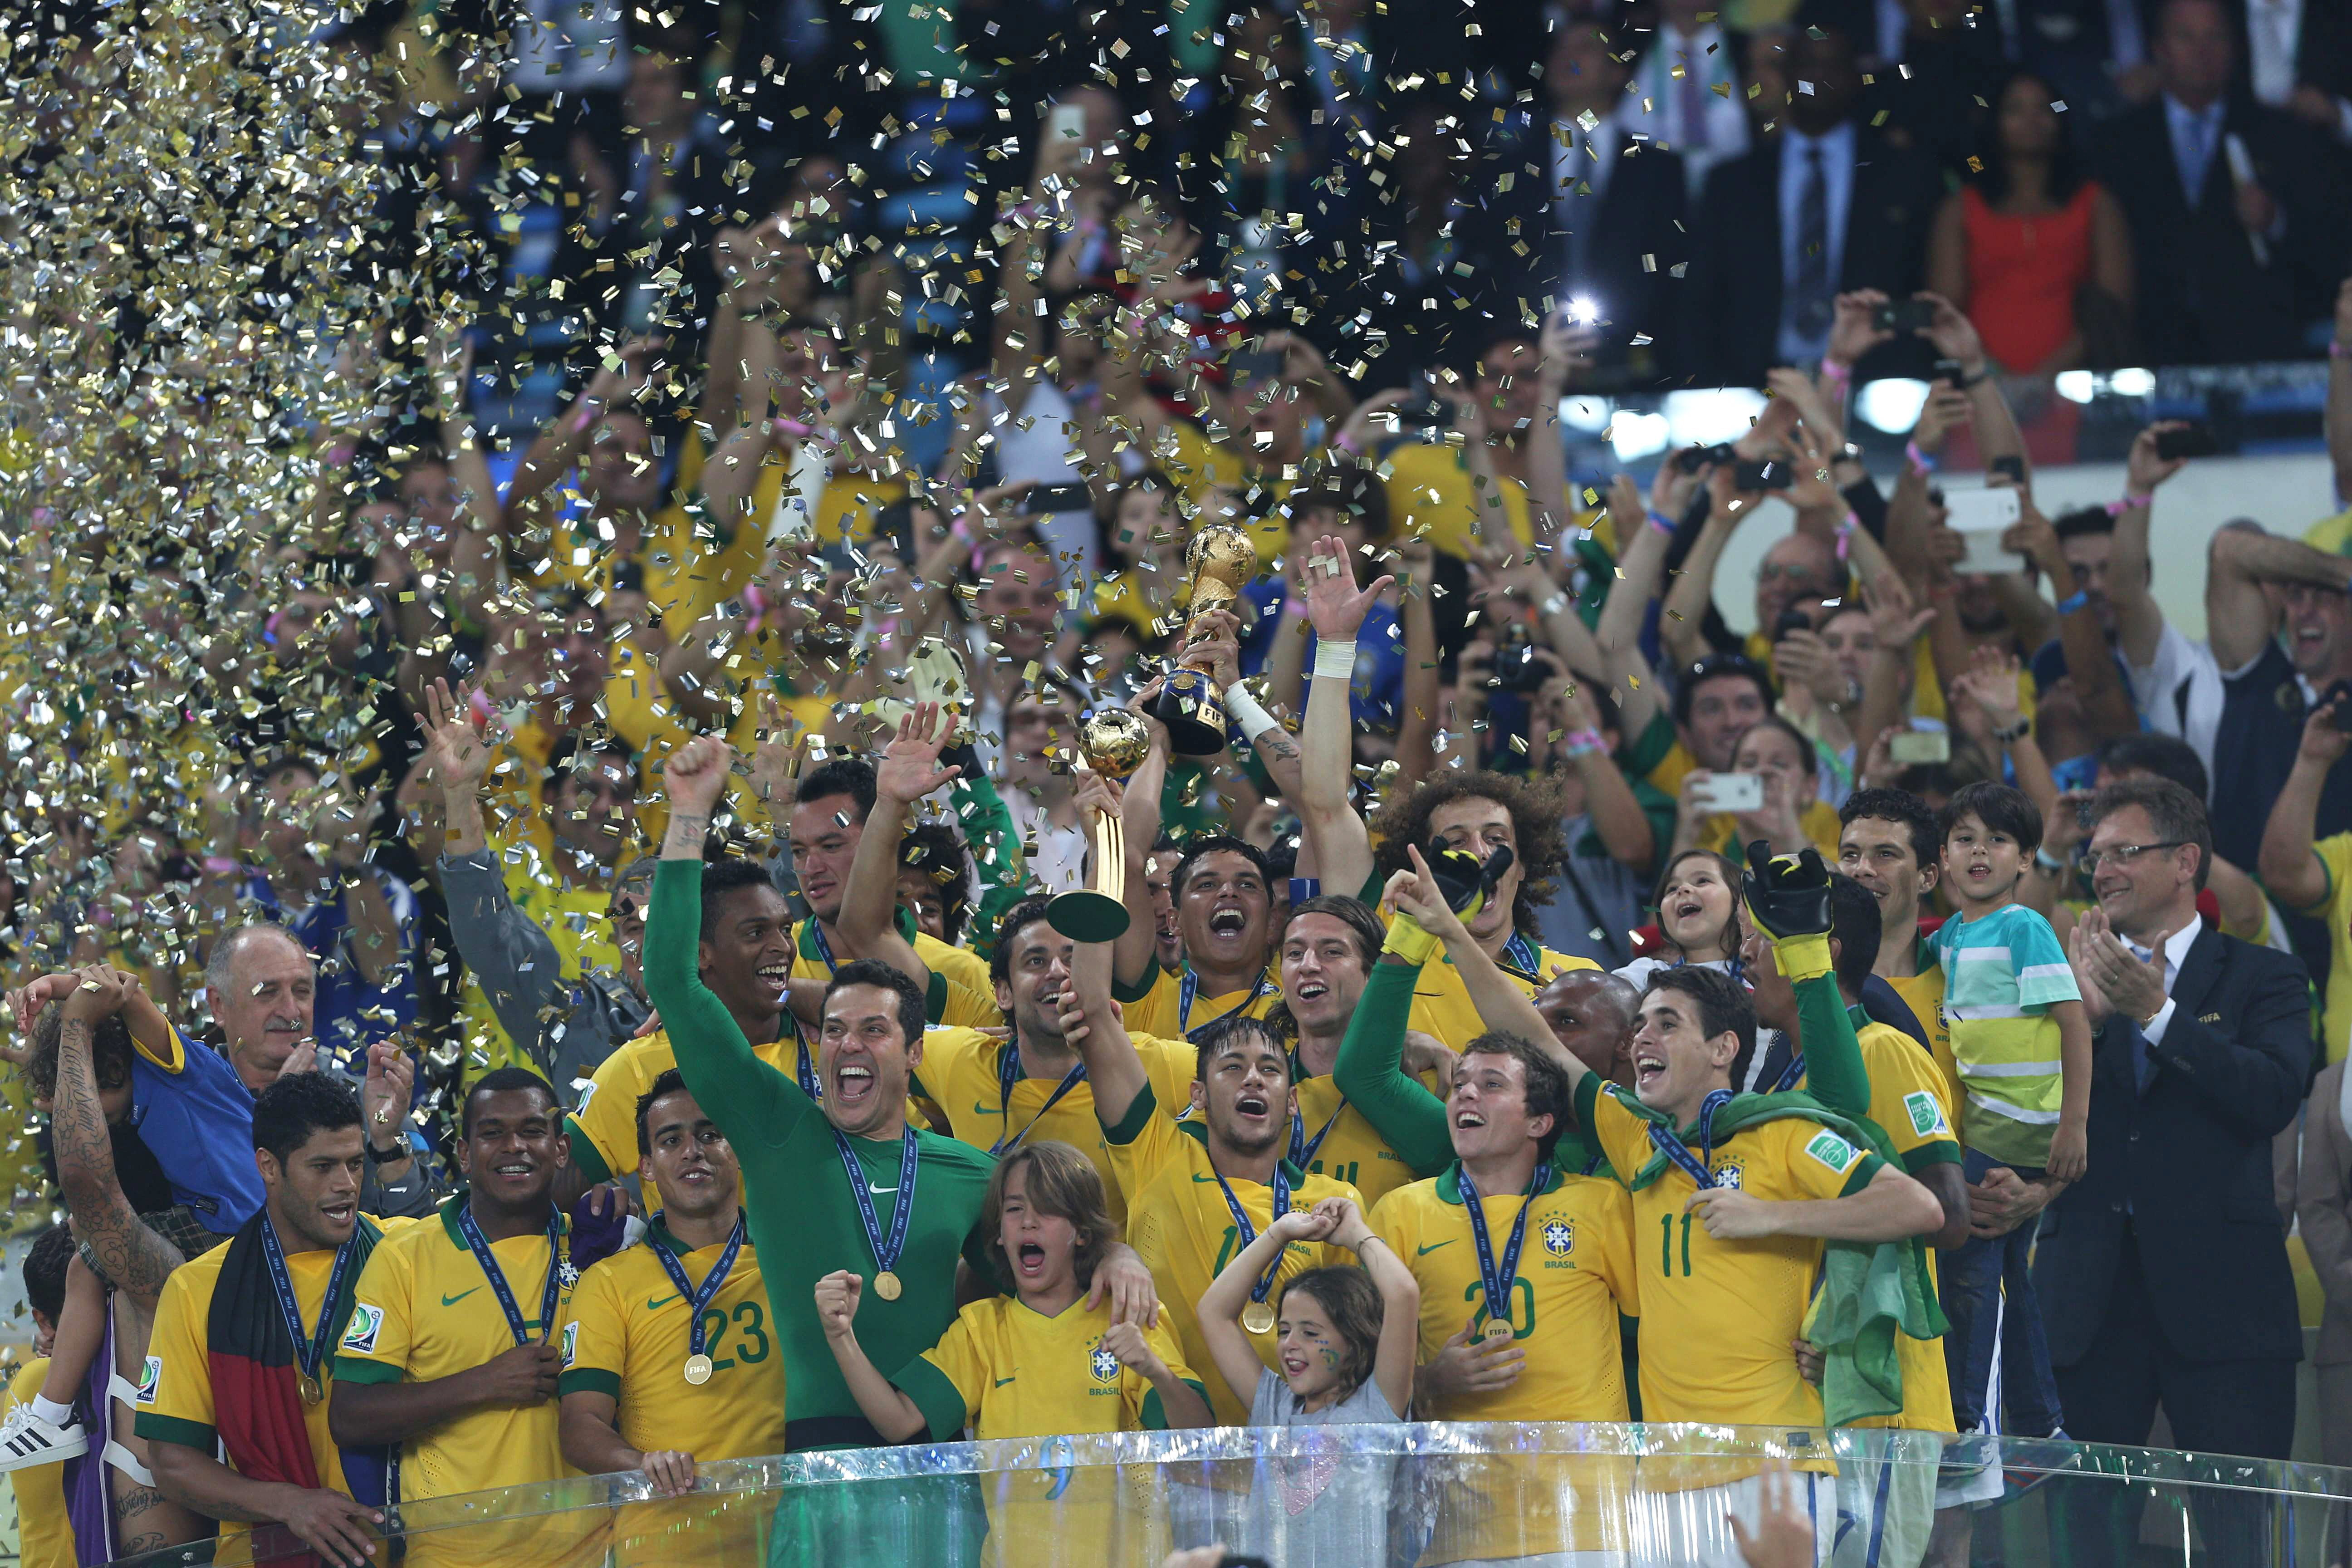 La «furia brasileña» impuso su «jerarquía» y «el campeón volvió», dice la prensa